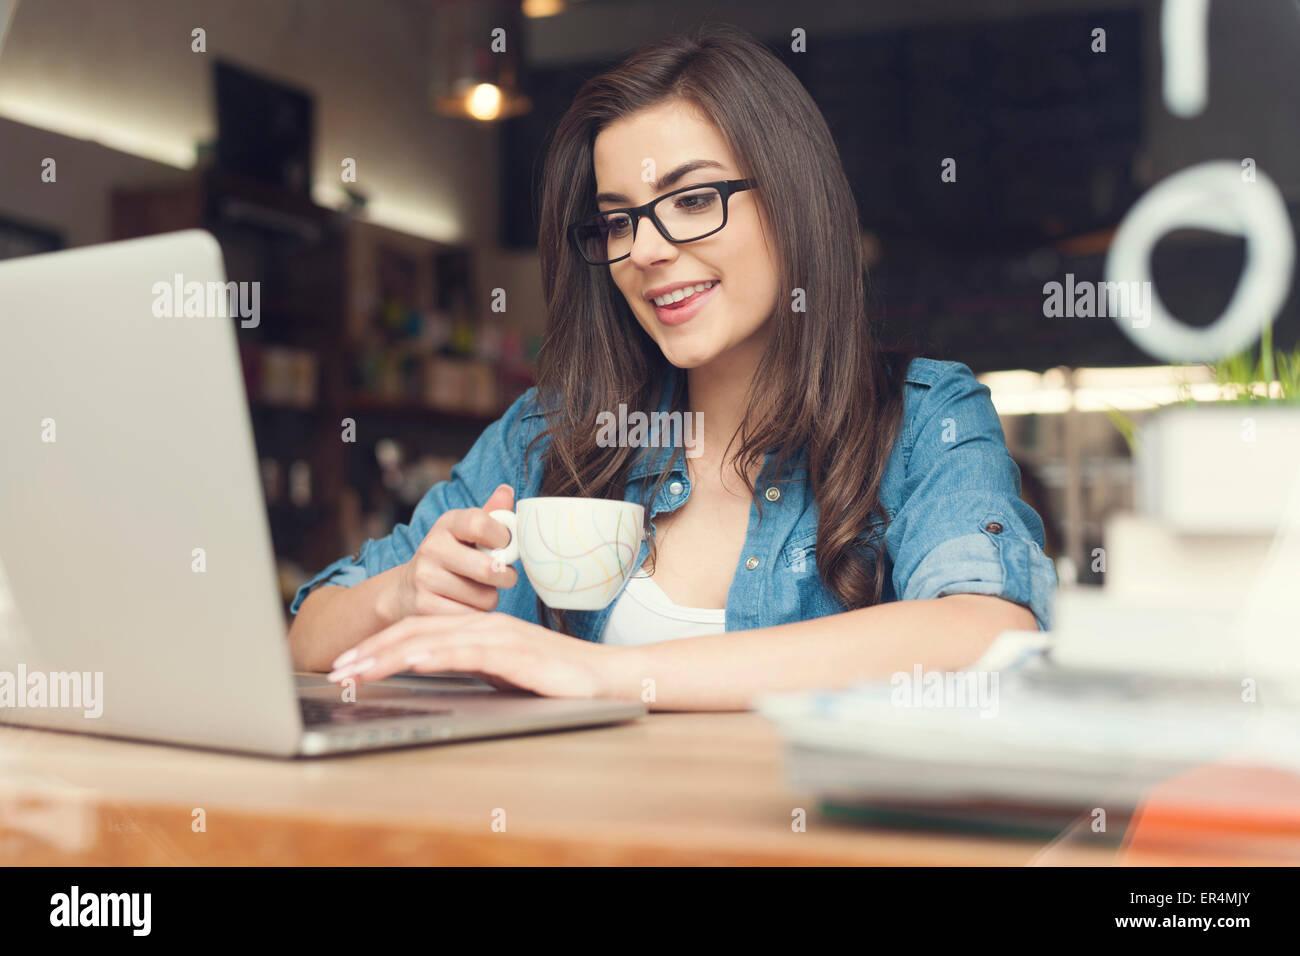 Bella donna parigamba utilizzando computer portatile presso il cafe. Cracovia in Polonia Immagini Stock